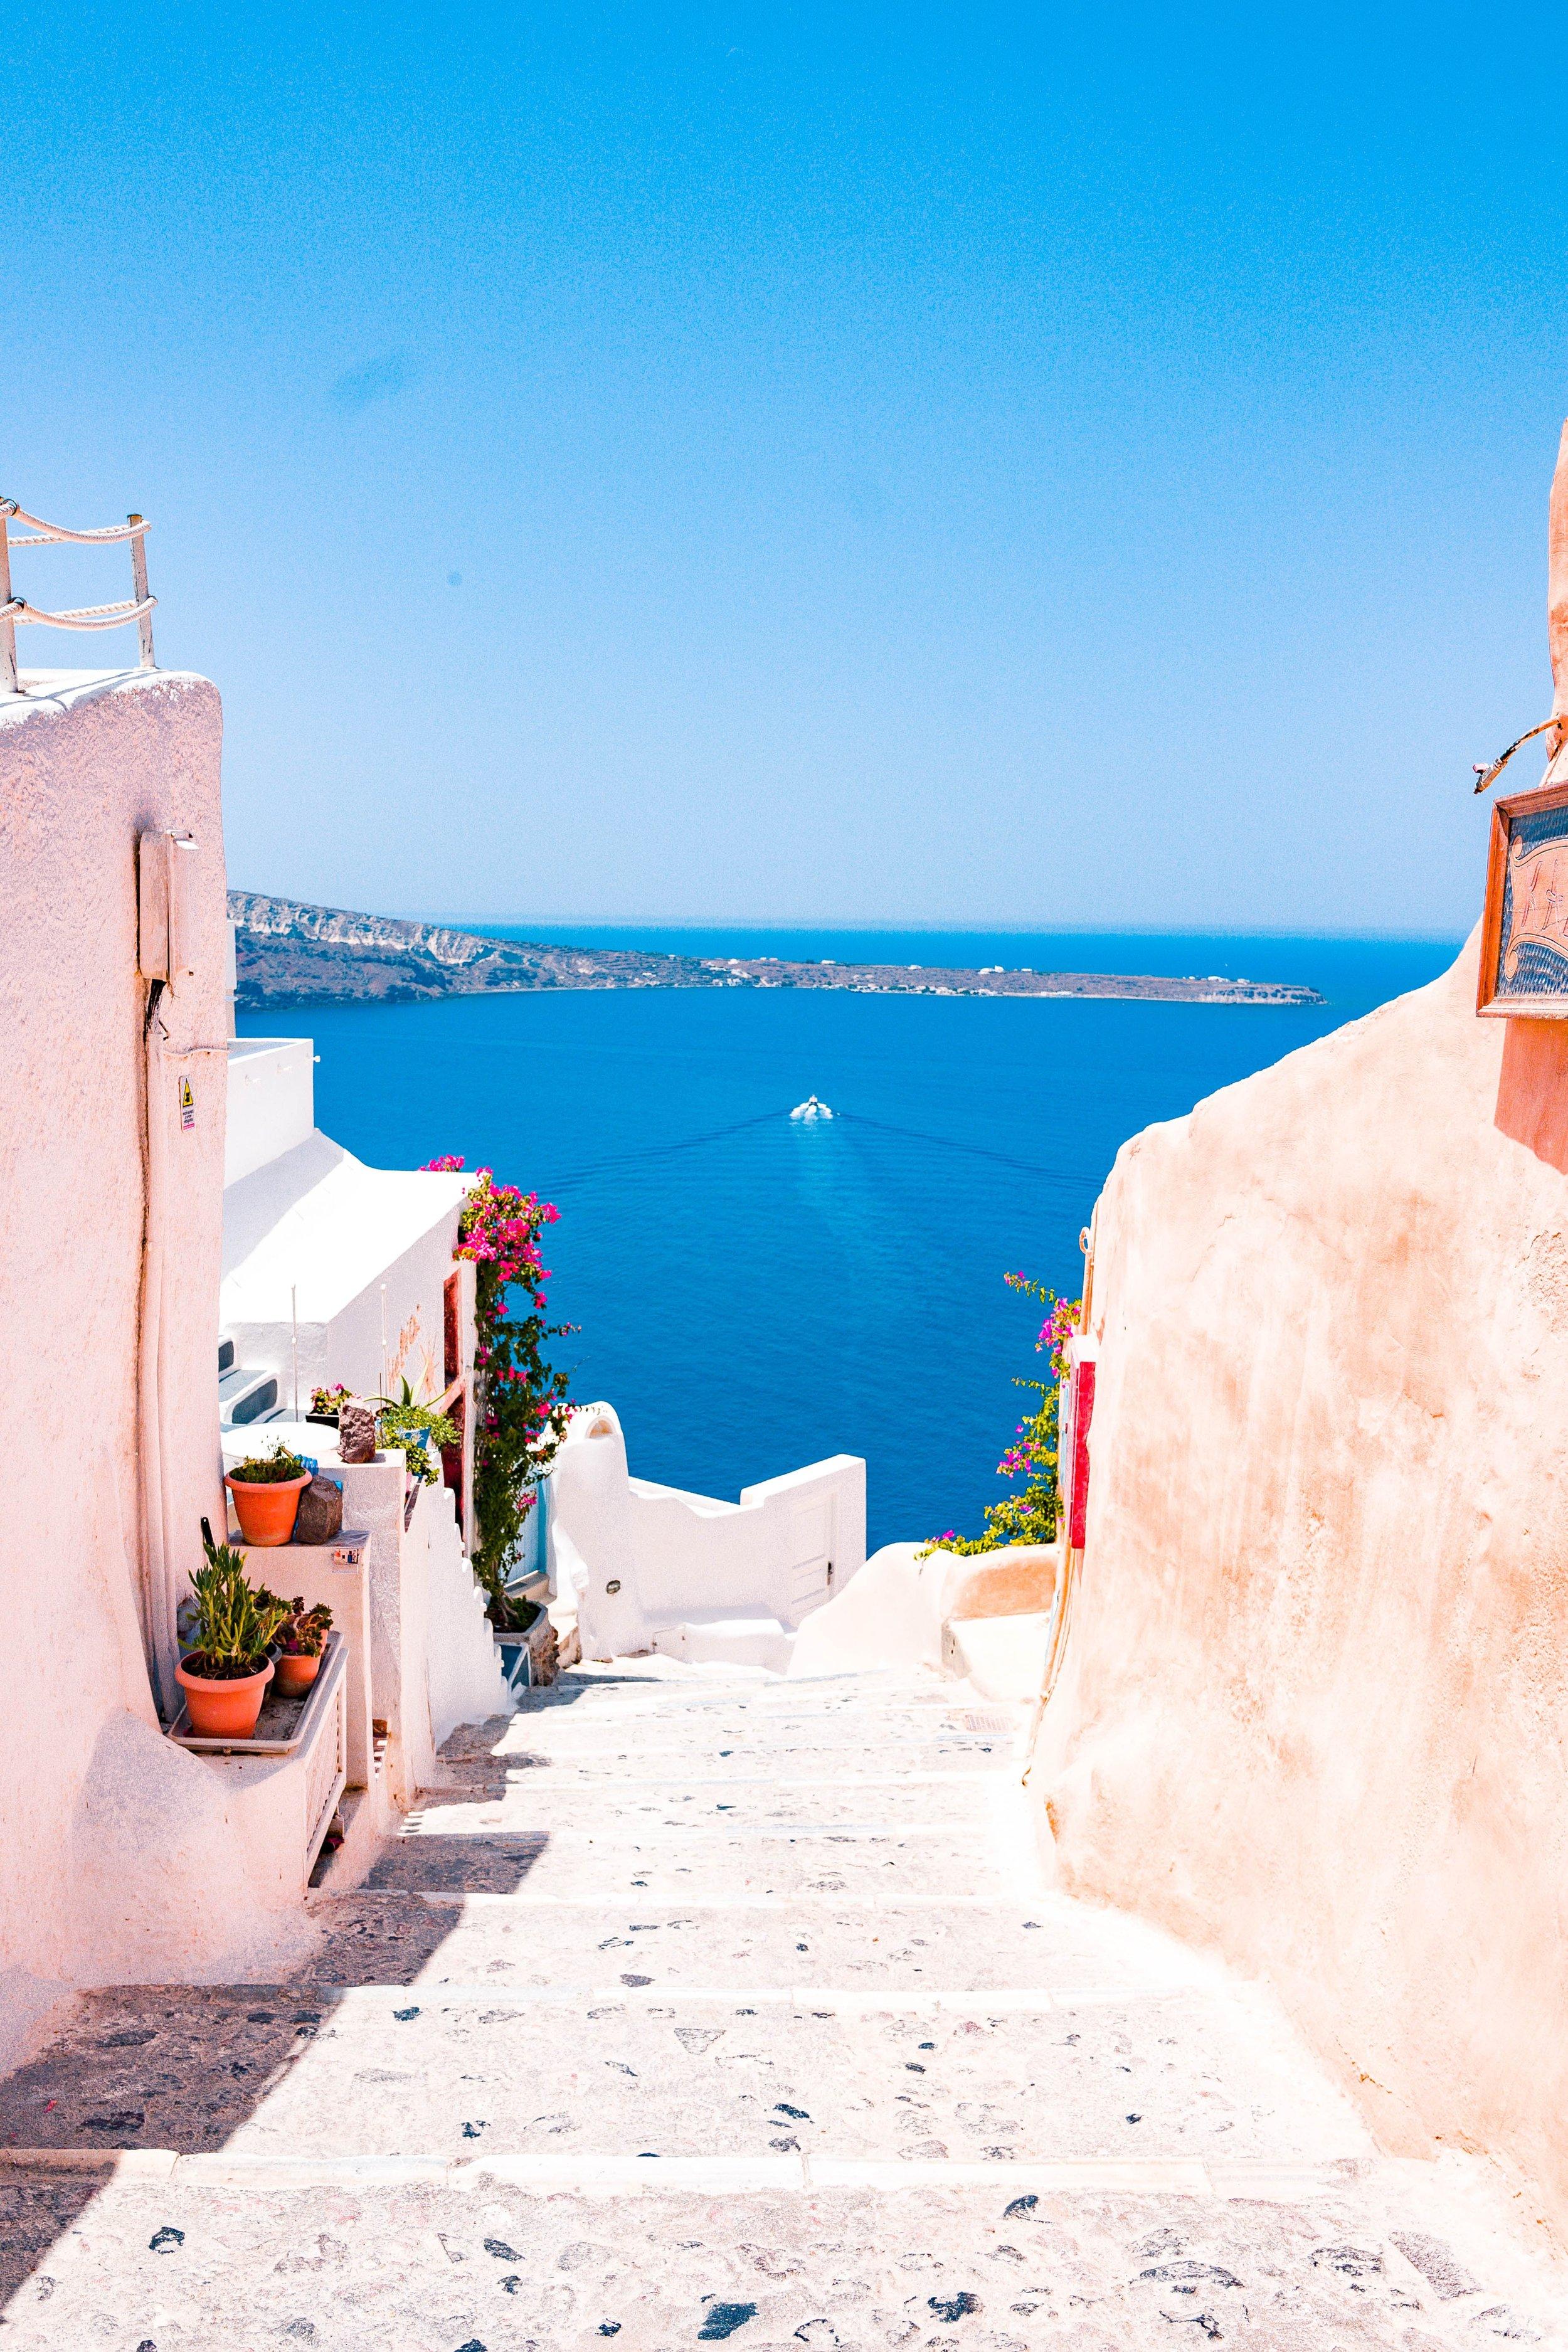 Greece pic 1.jpg